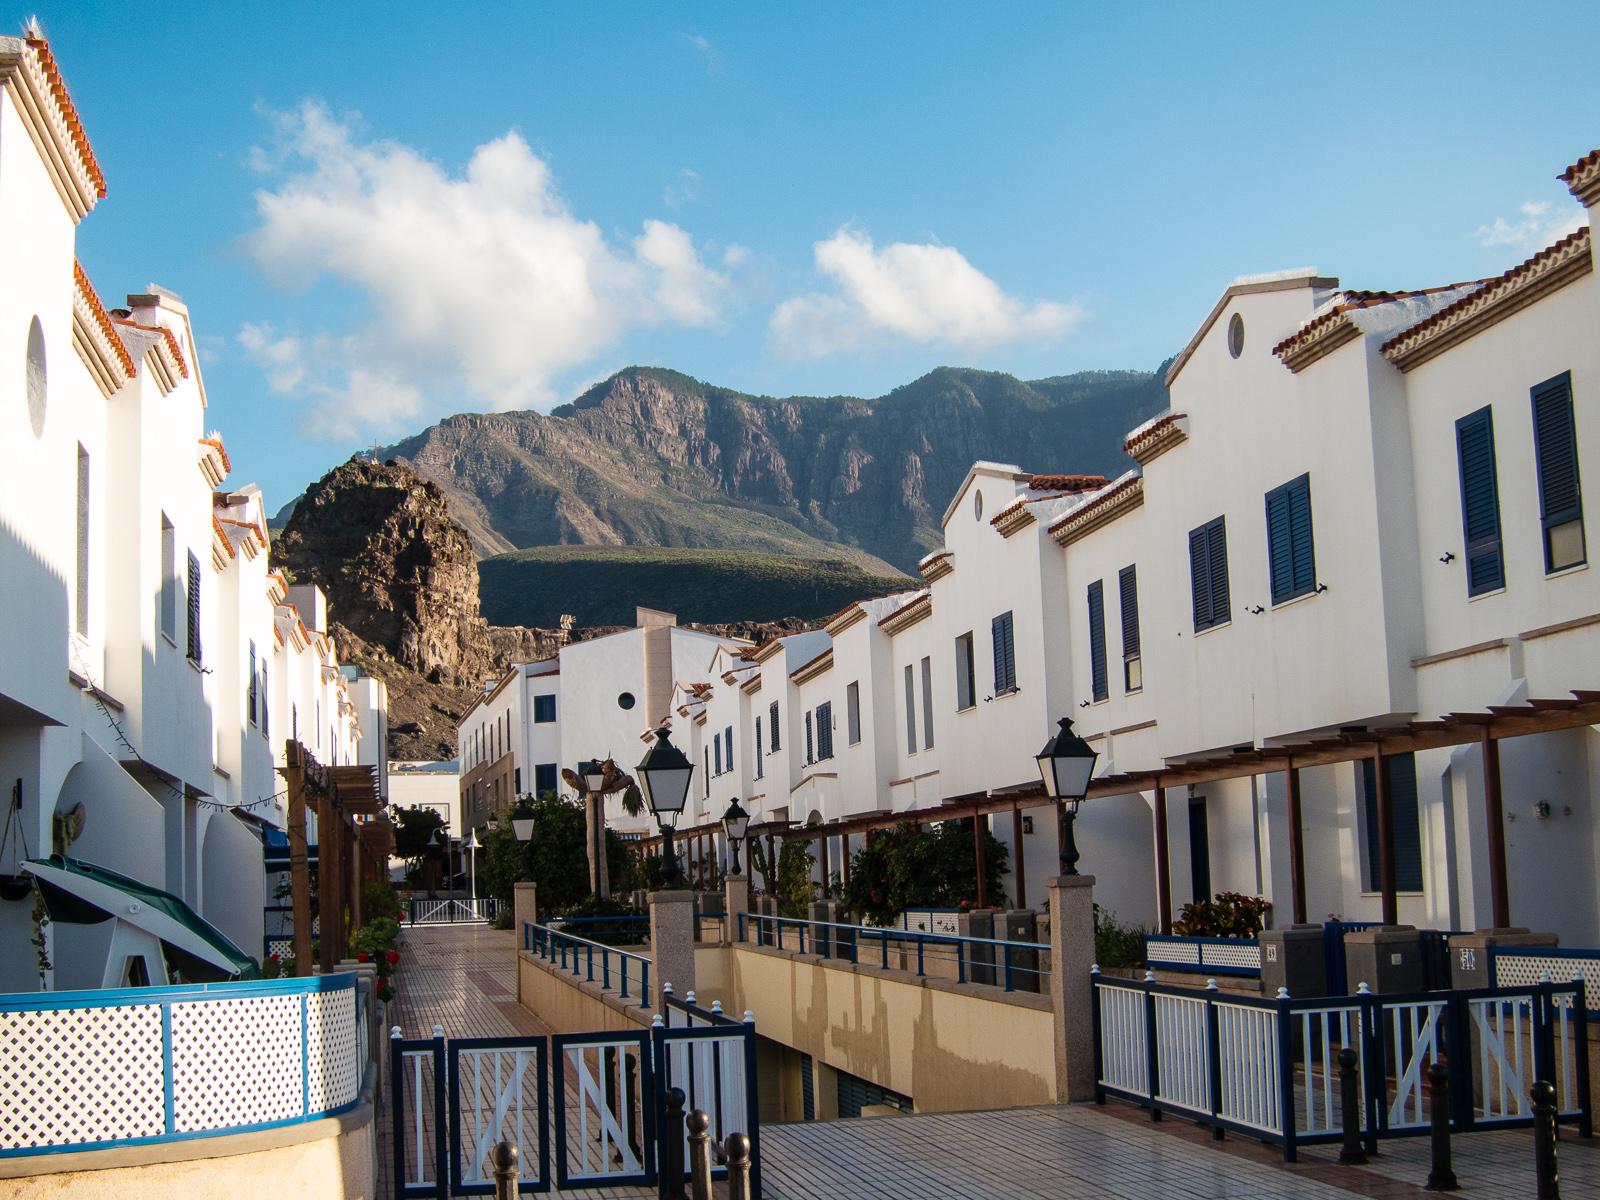 Puerto-de-las-Nieves-gran-canaria-kanári-szigetek-viasale-travel-2